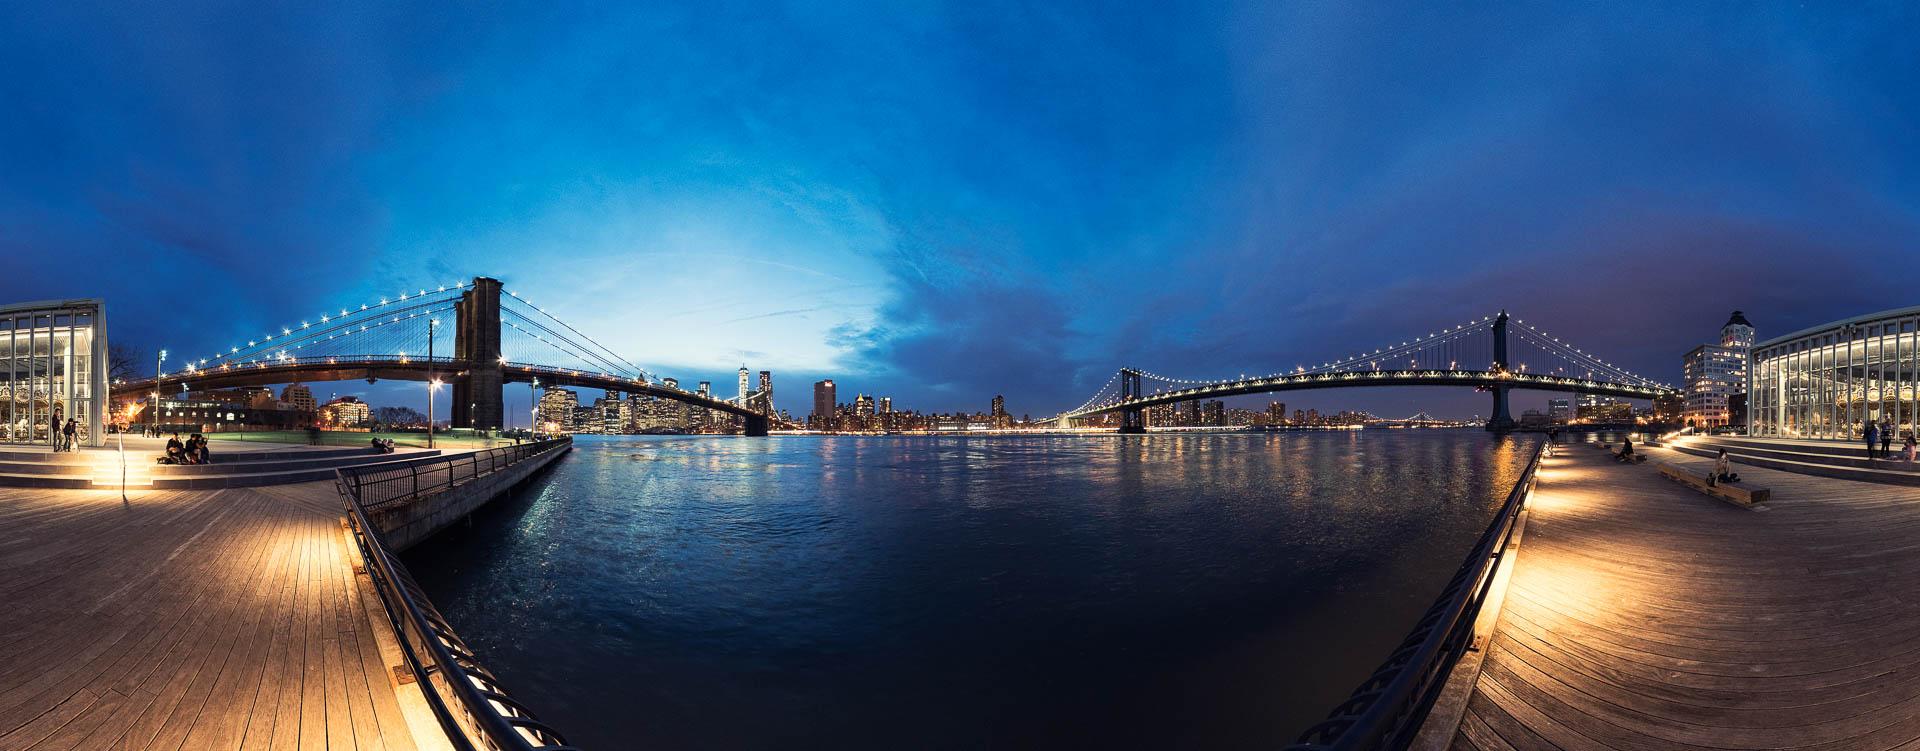 NYC DUMBO Brooklyn Bridge by Tobi Bohn Panorama 360 Fotograf